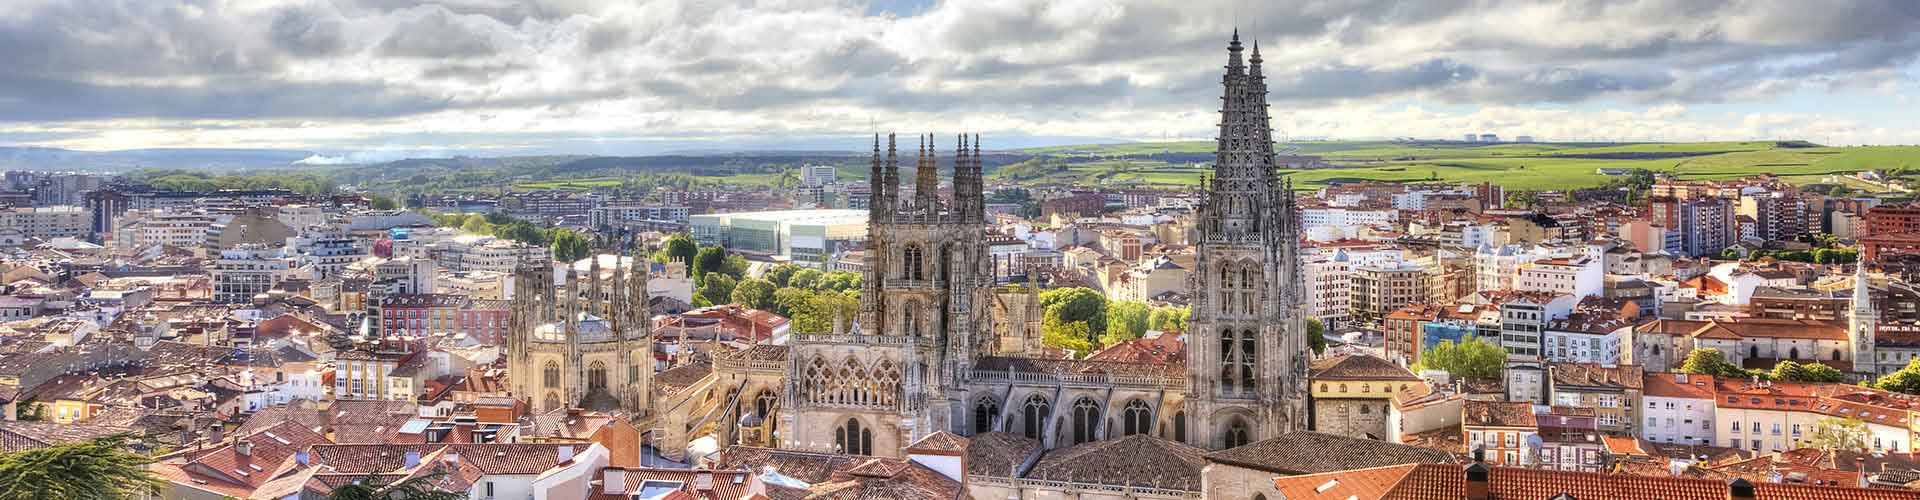 Burgos - Hoteles baratos en Burgos. Mapas de Burgos, Fotos y comentarios de cada Hotel en Burgos.